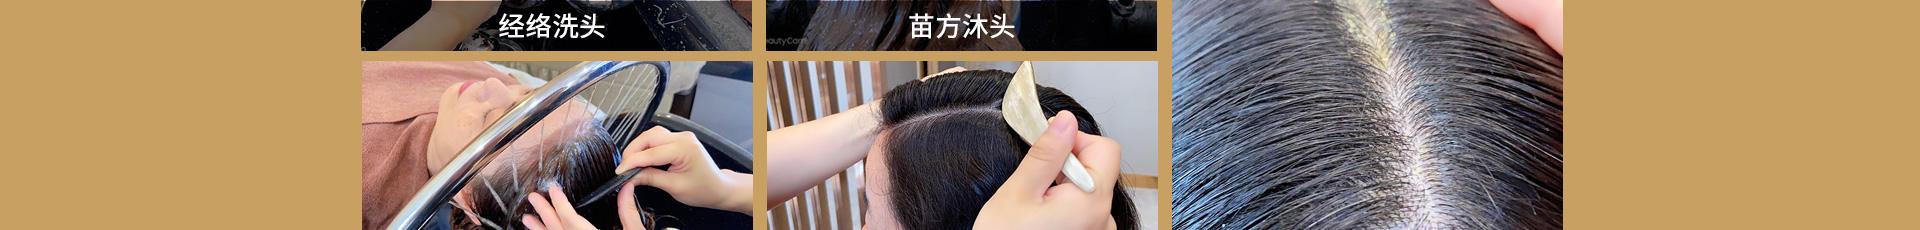 岳灵生发养发馆加盟